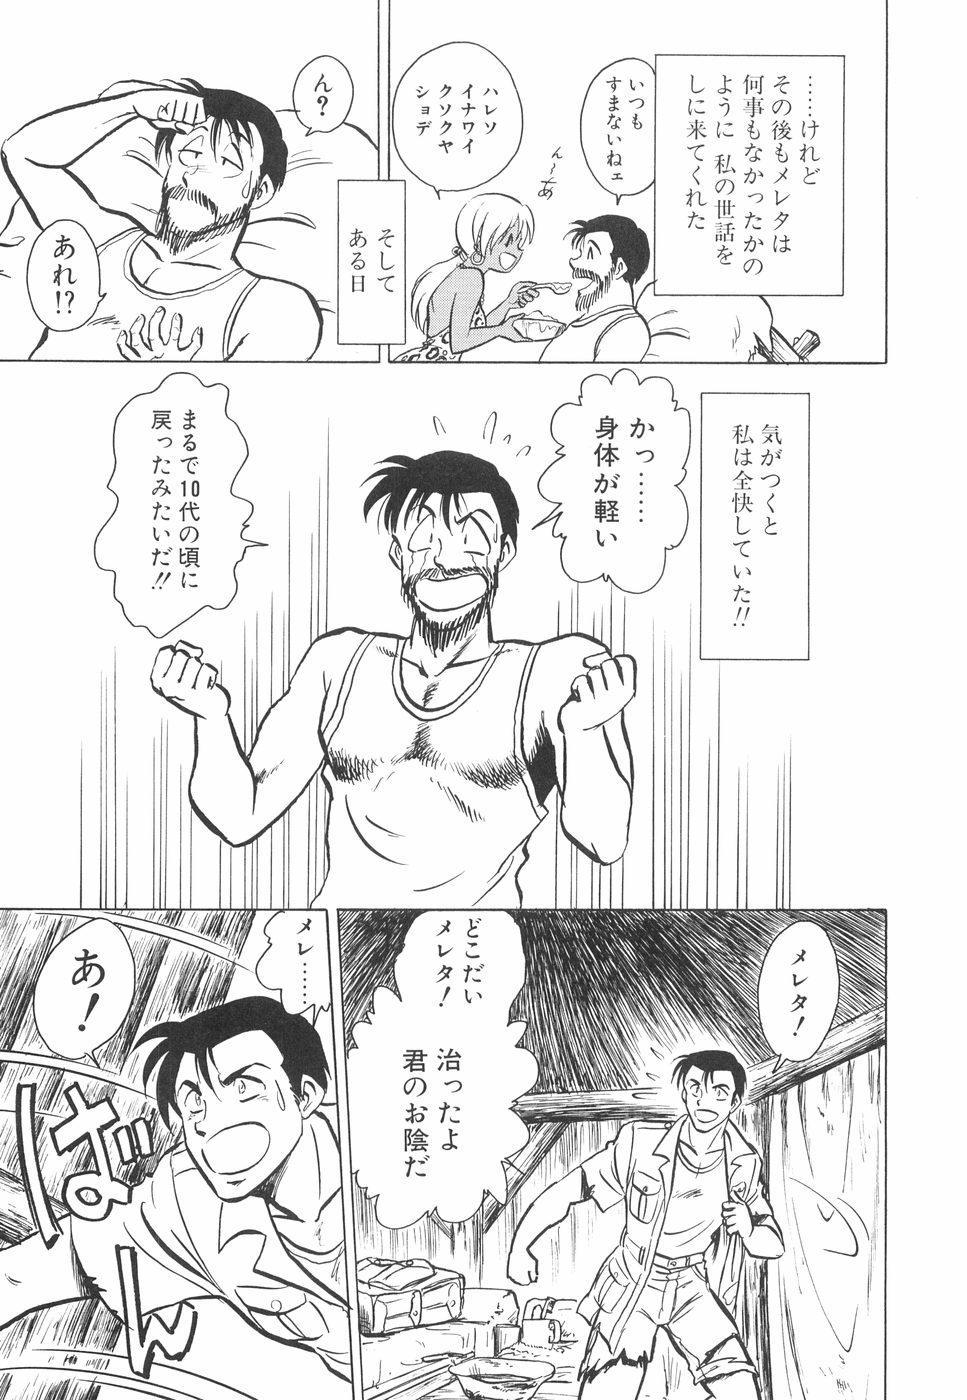 Hazukashime no Jikan 143